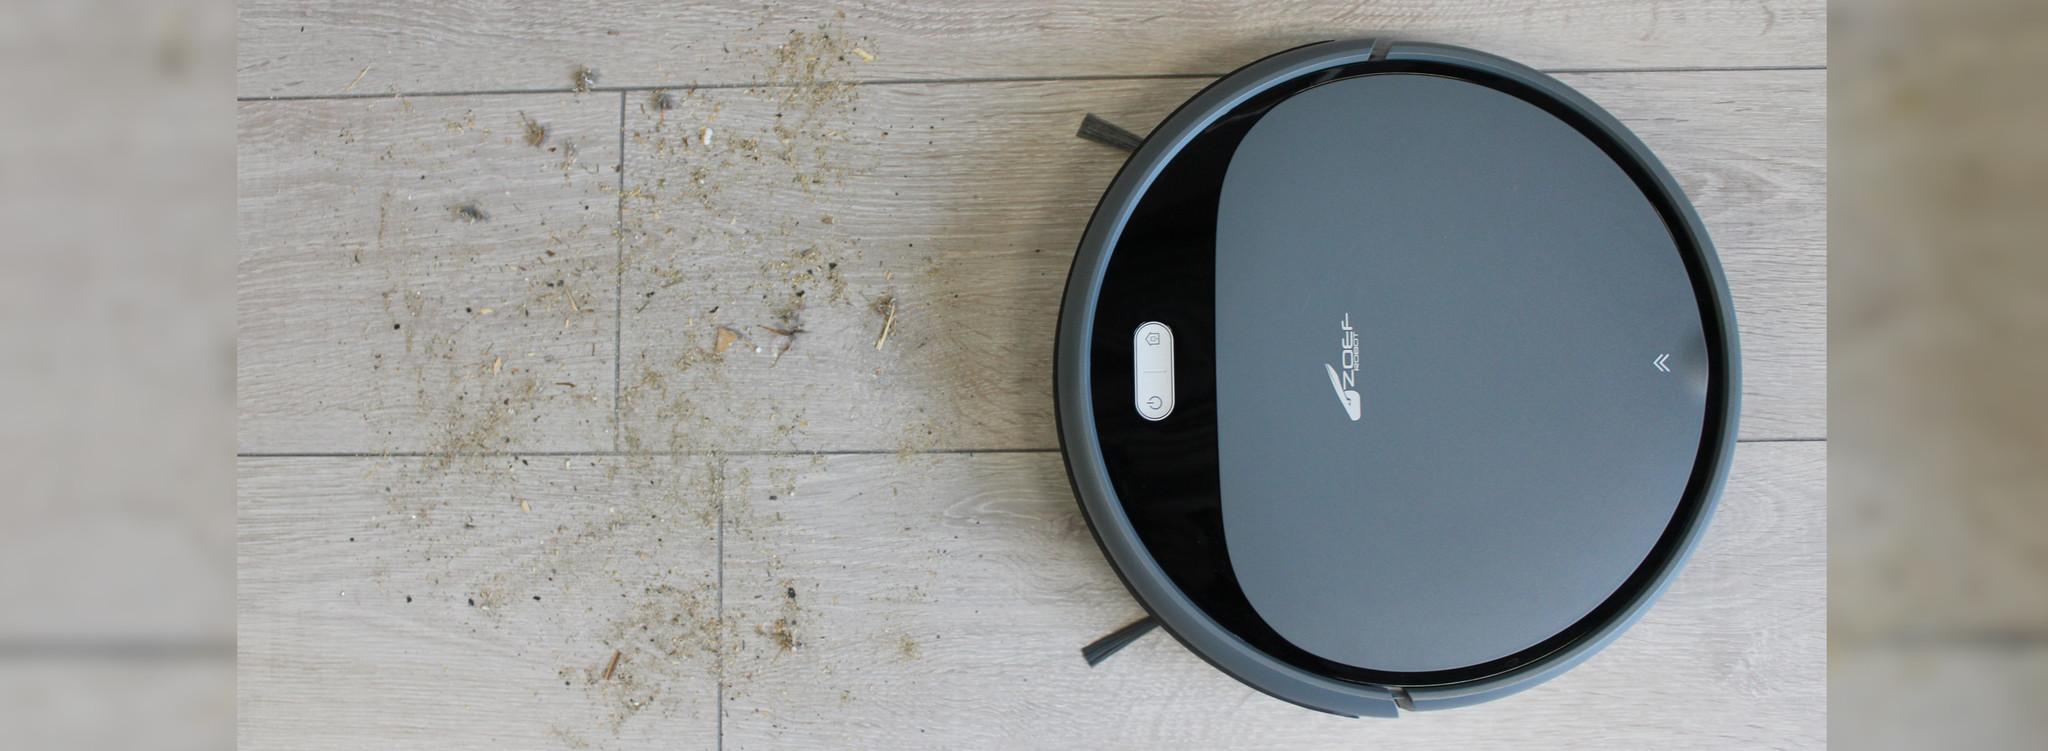 robotstofzuiger-bep-zuigen